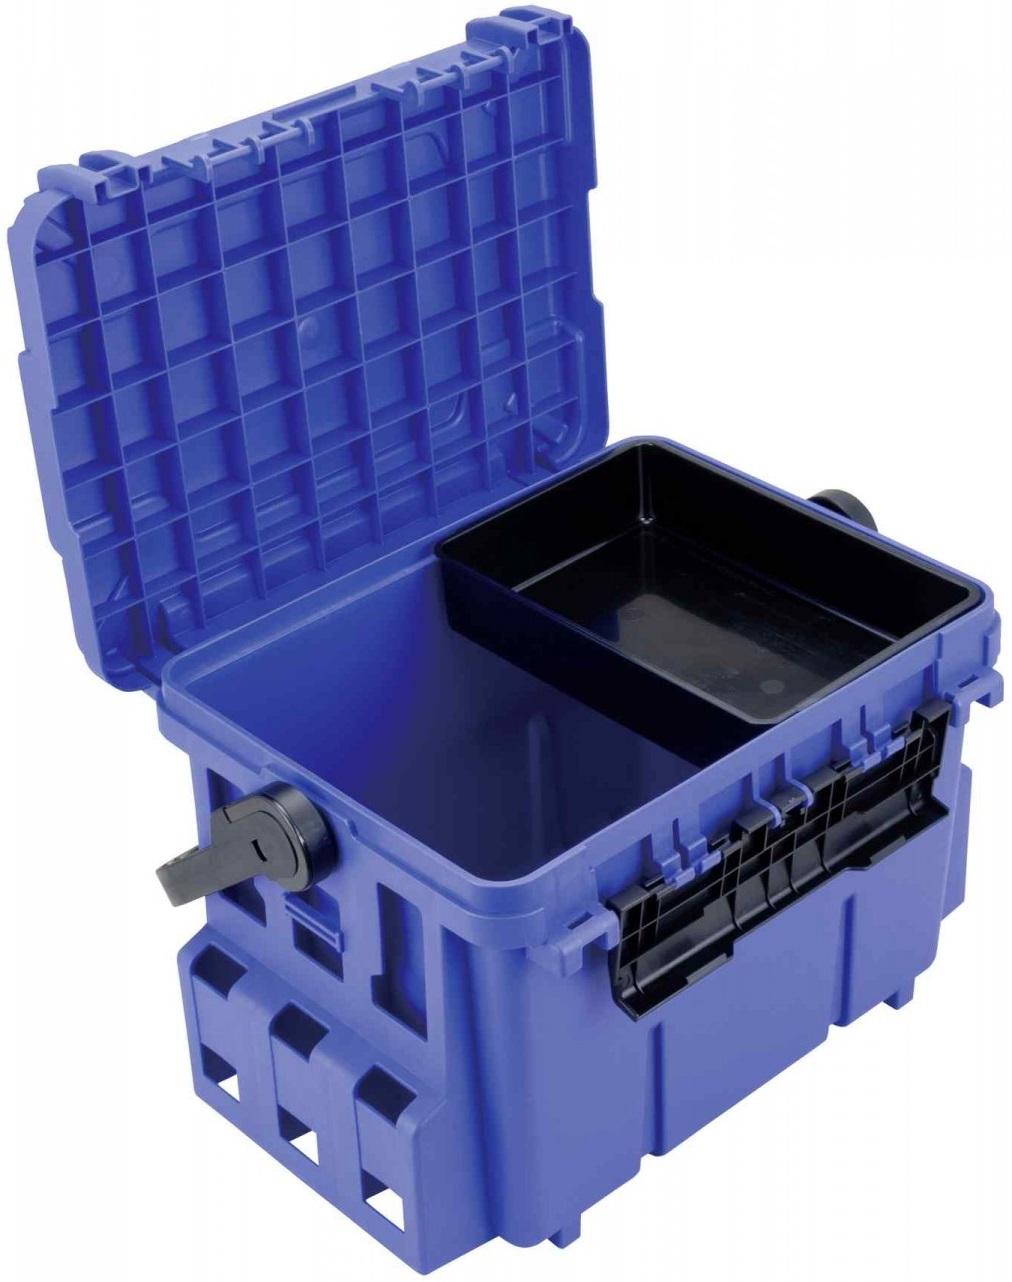 Ящик Meiho Bucket Mouth BM-7000 синий